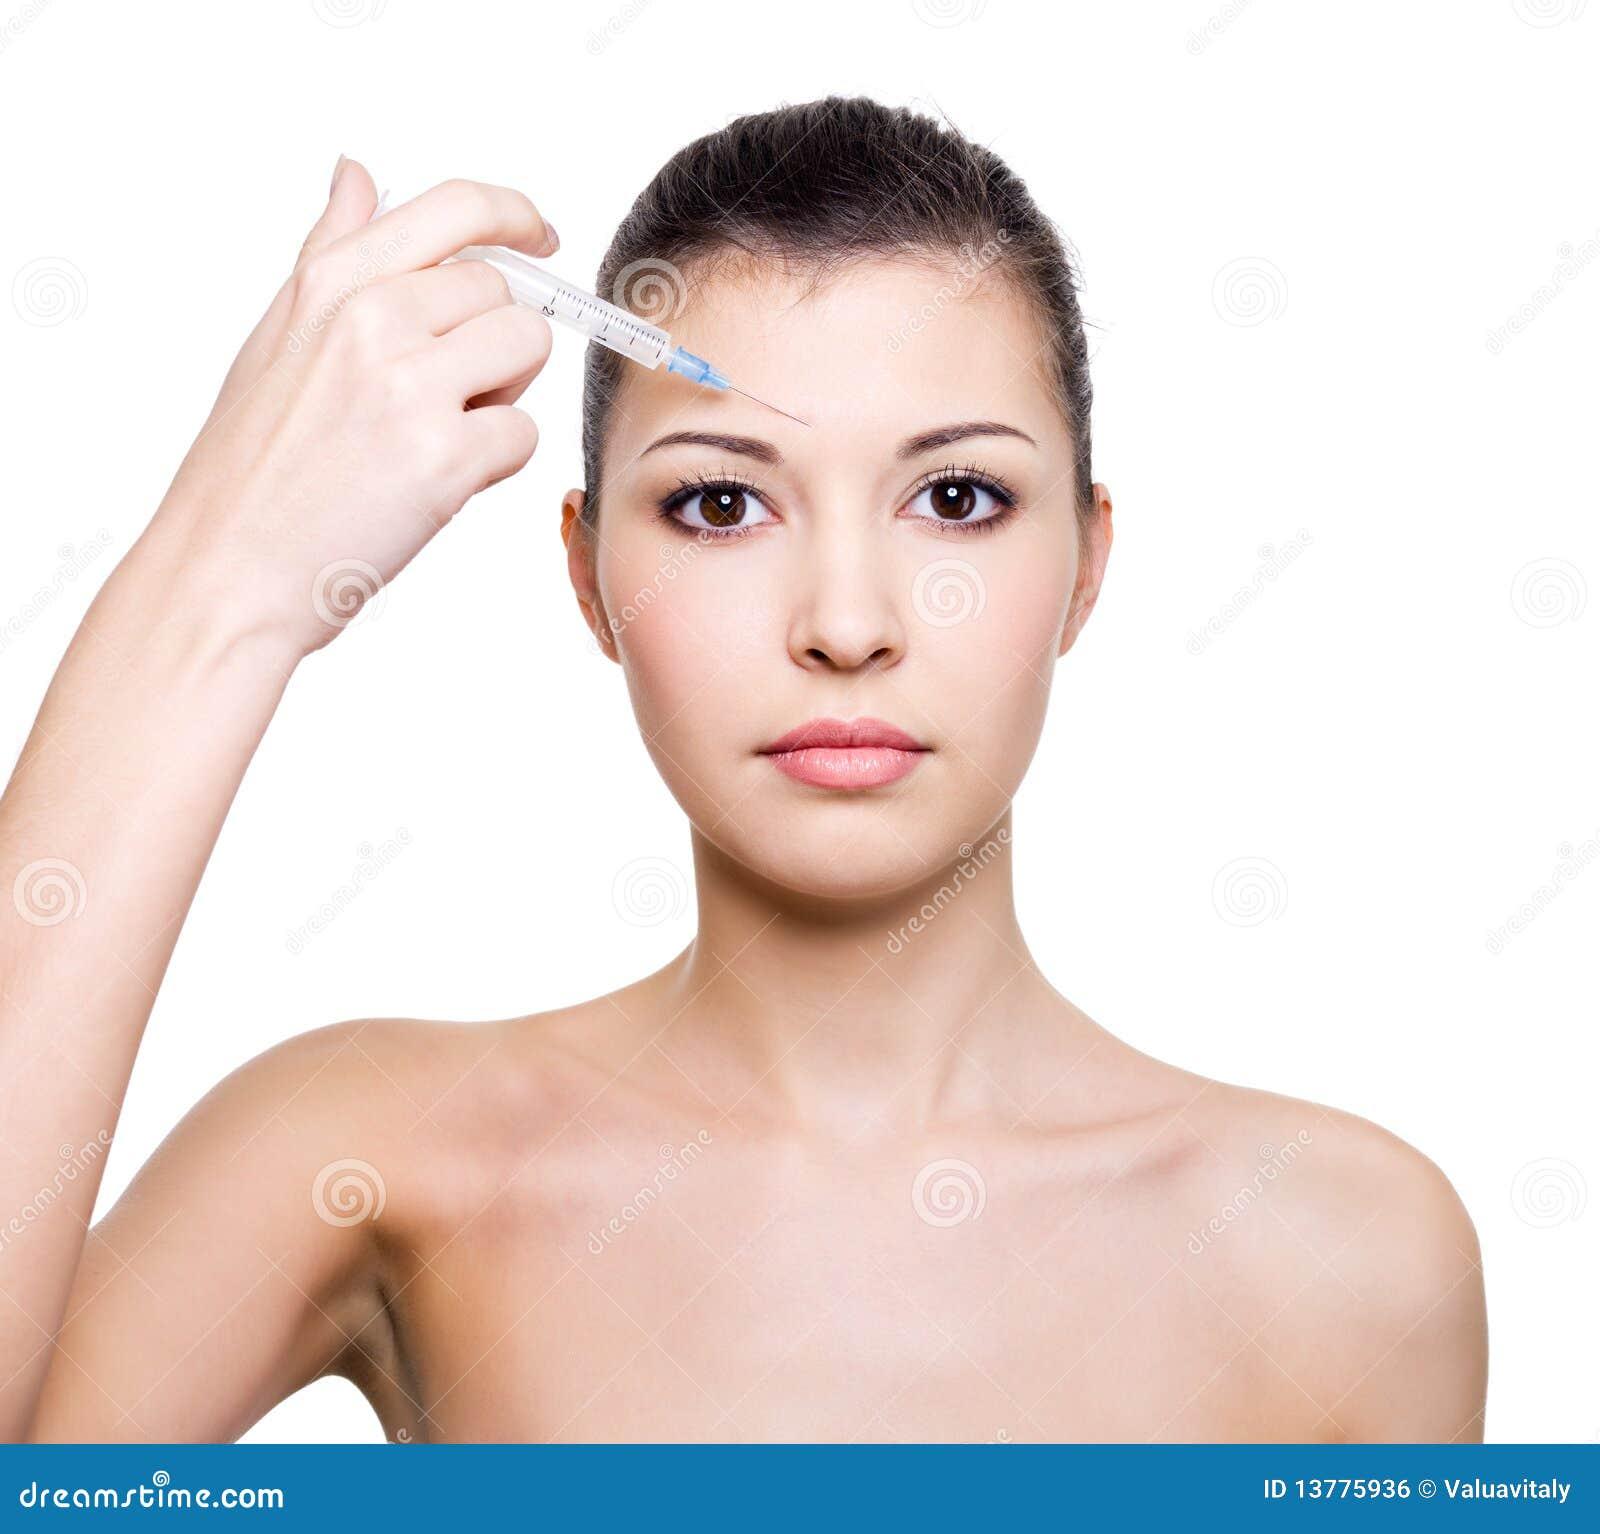 Έγχυση Botox στο μέτωπο